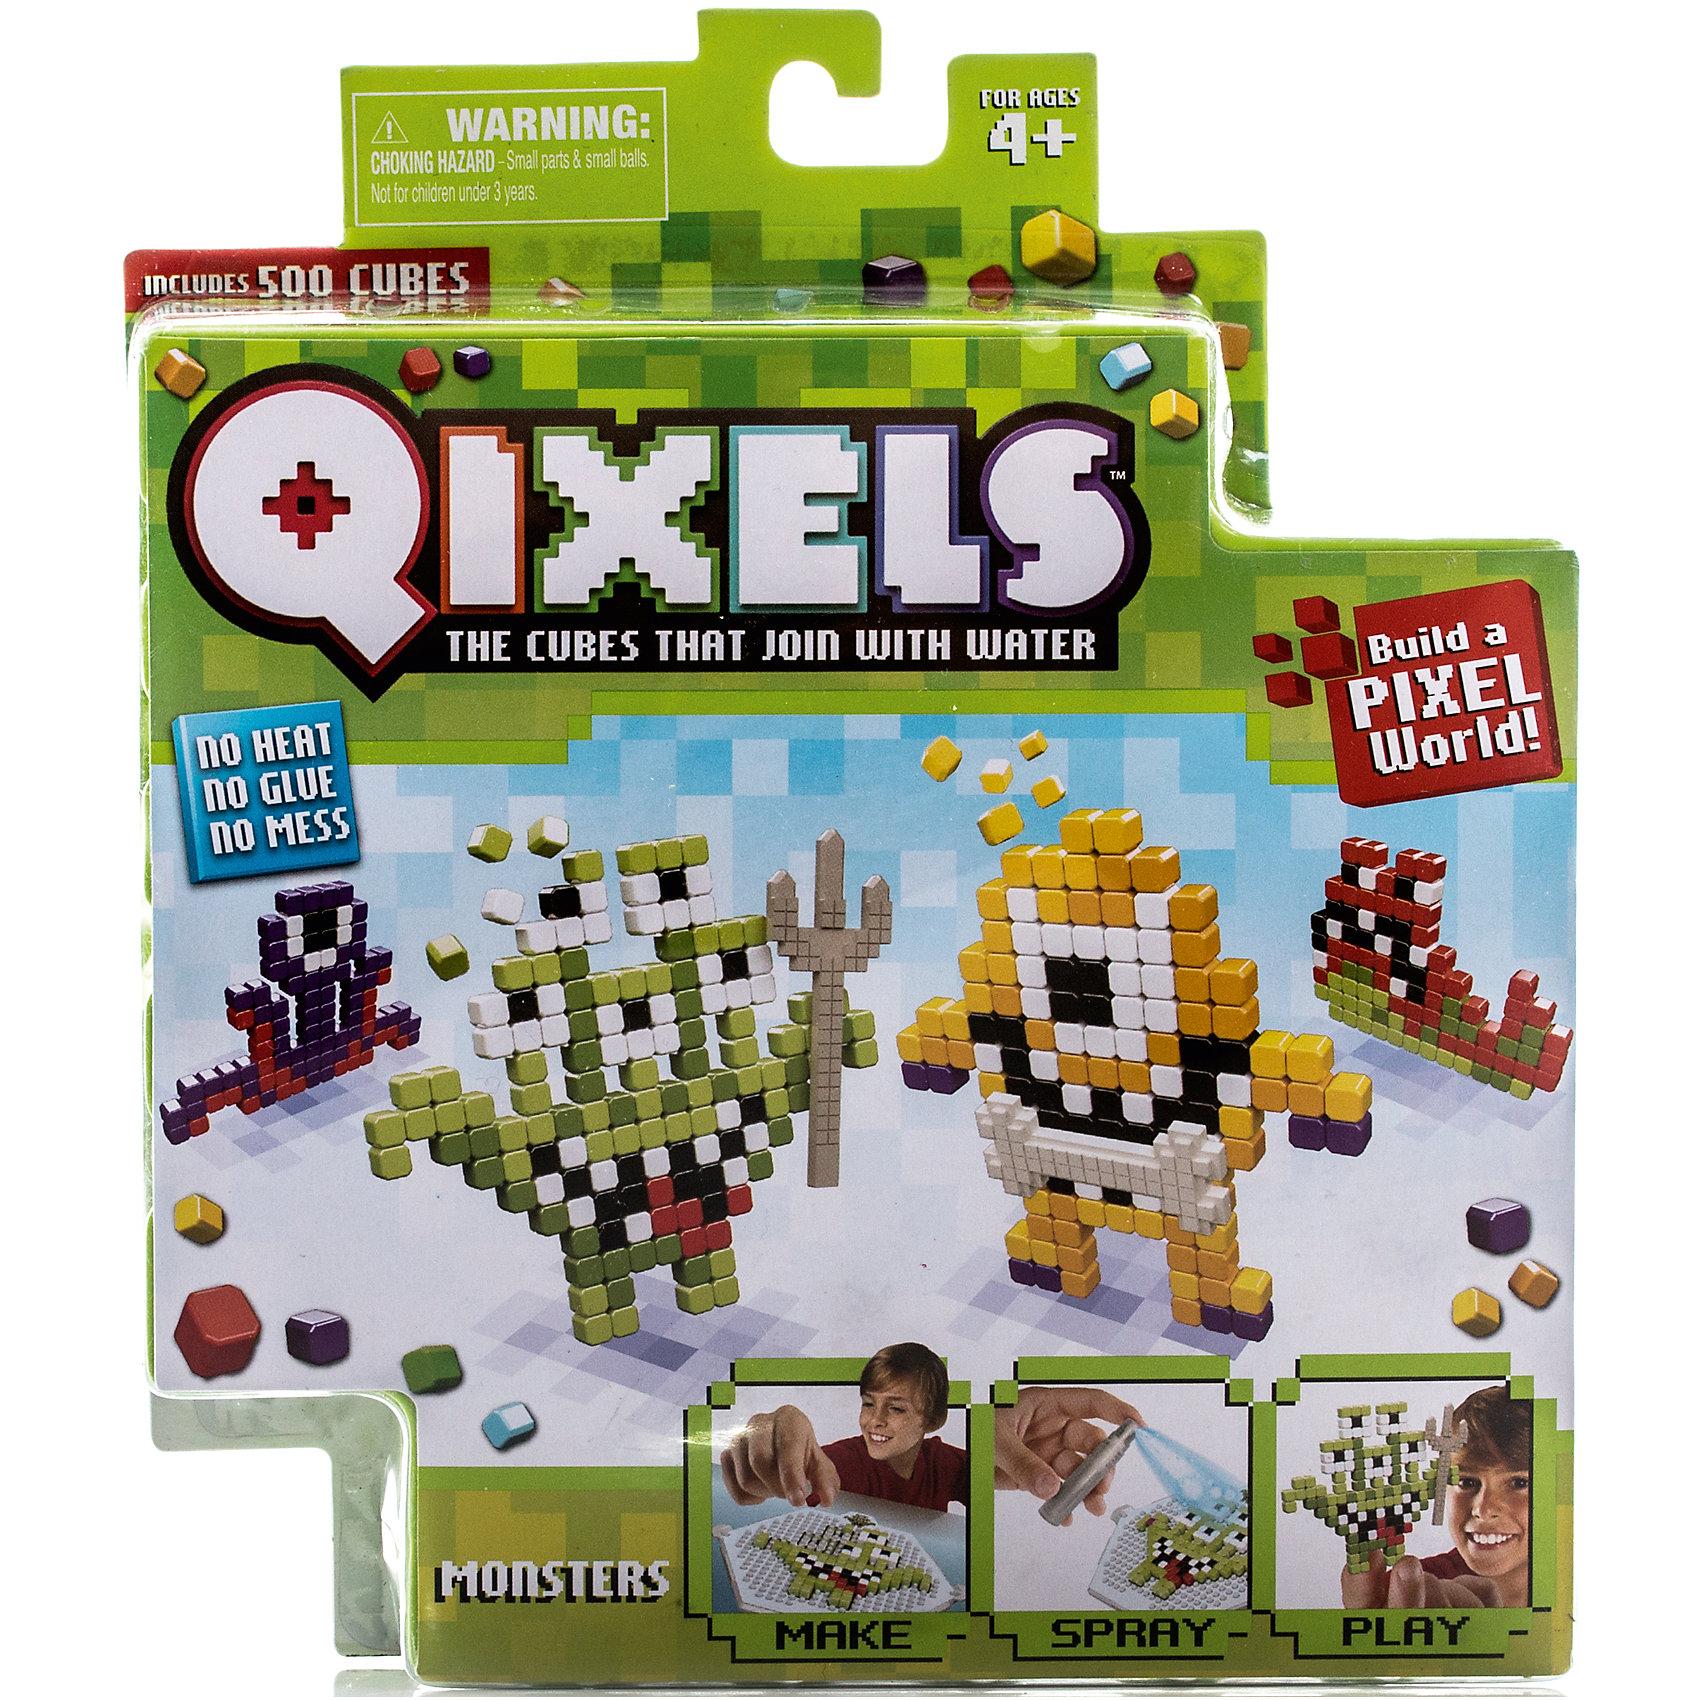 Набор для творчества Qixels МонстрикиТематический набор для творчества Qixels «Монстрики» - это набор разноцветных кубиков и лекал, с помощью которых можно создавать забавные двухмерные игрушки собственными руками. Соберите фигурку из ярких деталей по одному из 4-х лекал, входящих в комплект набора, или придумайте собственный дизайн, после чего обрызгайте её водой из распылителя и подождите 30 минут. После высыхания, с полученной фигуркой можно играть как с самой обычной игрушкой!<br>В комплект набора входит:<br>500 x кубиков<br>1 x дизайн лоток<br>4 x цветных дизайн лекала фантастических монстриков<br>1 x опора<br>1 x база<br>2 x аксессуара<br>1 x бирка с нитью<br>1 x распылитель для воды<br>1 x инструкция<br><br>Ширина мм: 40<br>Глубина мм: 215<br>Высота мм: 185<br>Вес г: 233<br>Возраст от месяцев: 72<br>Возраст до месяцев: 180<br>Пол: Унисекс<br>Возраст: Детский<br>SKU: 5032642